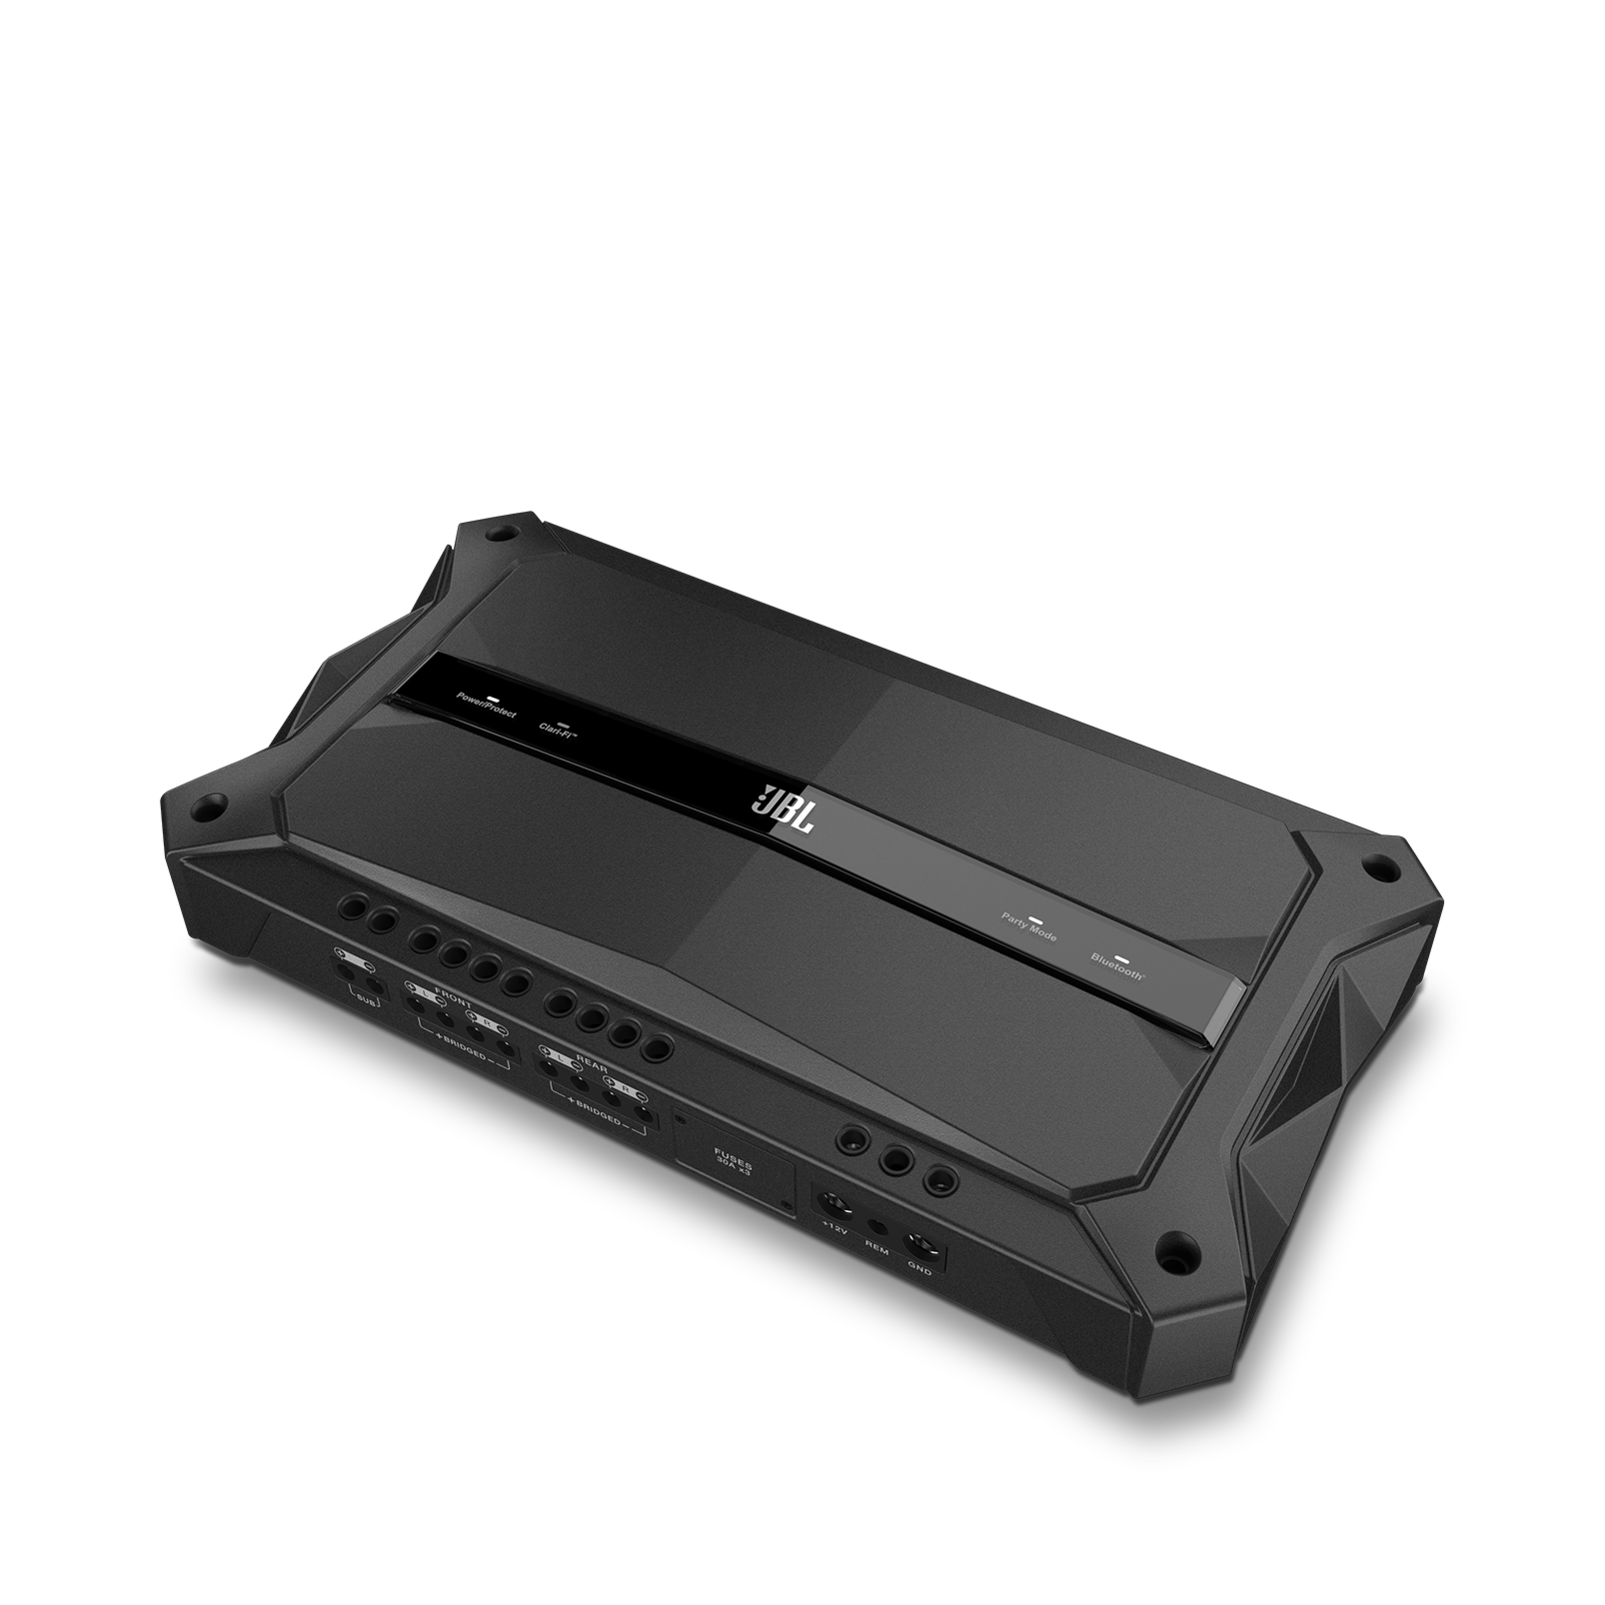 GTR-7535